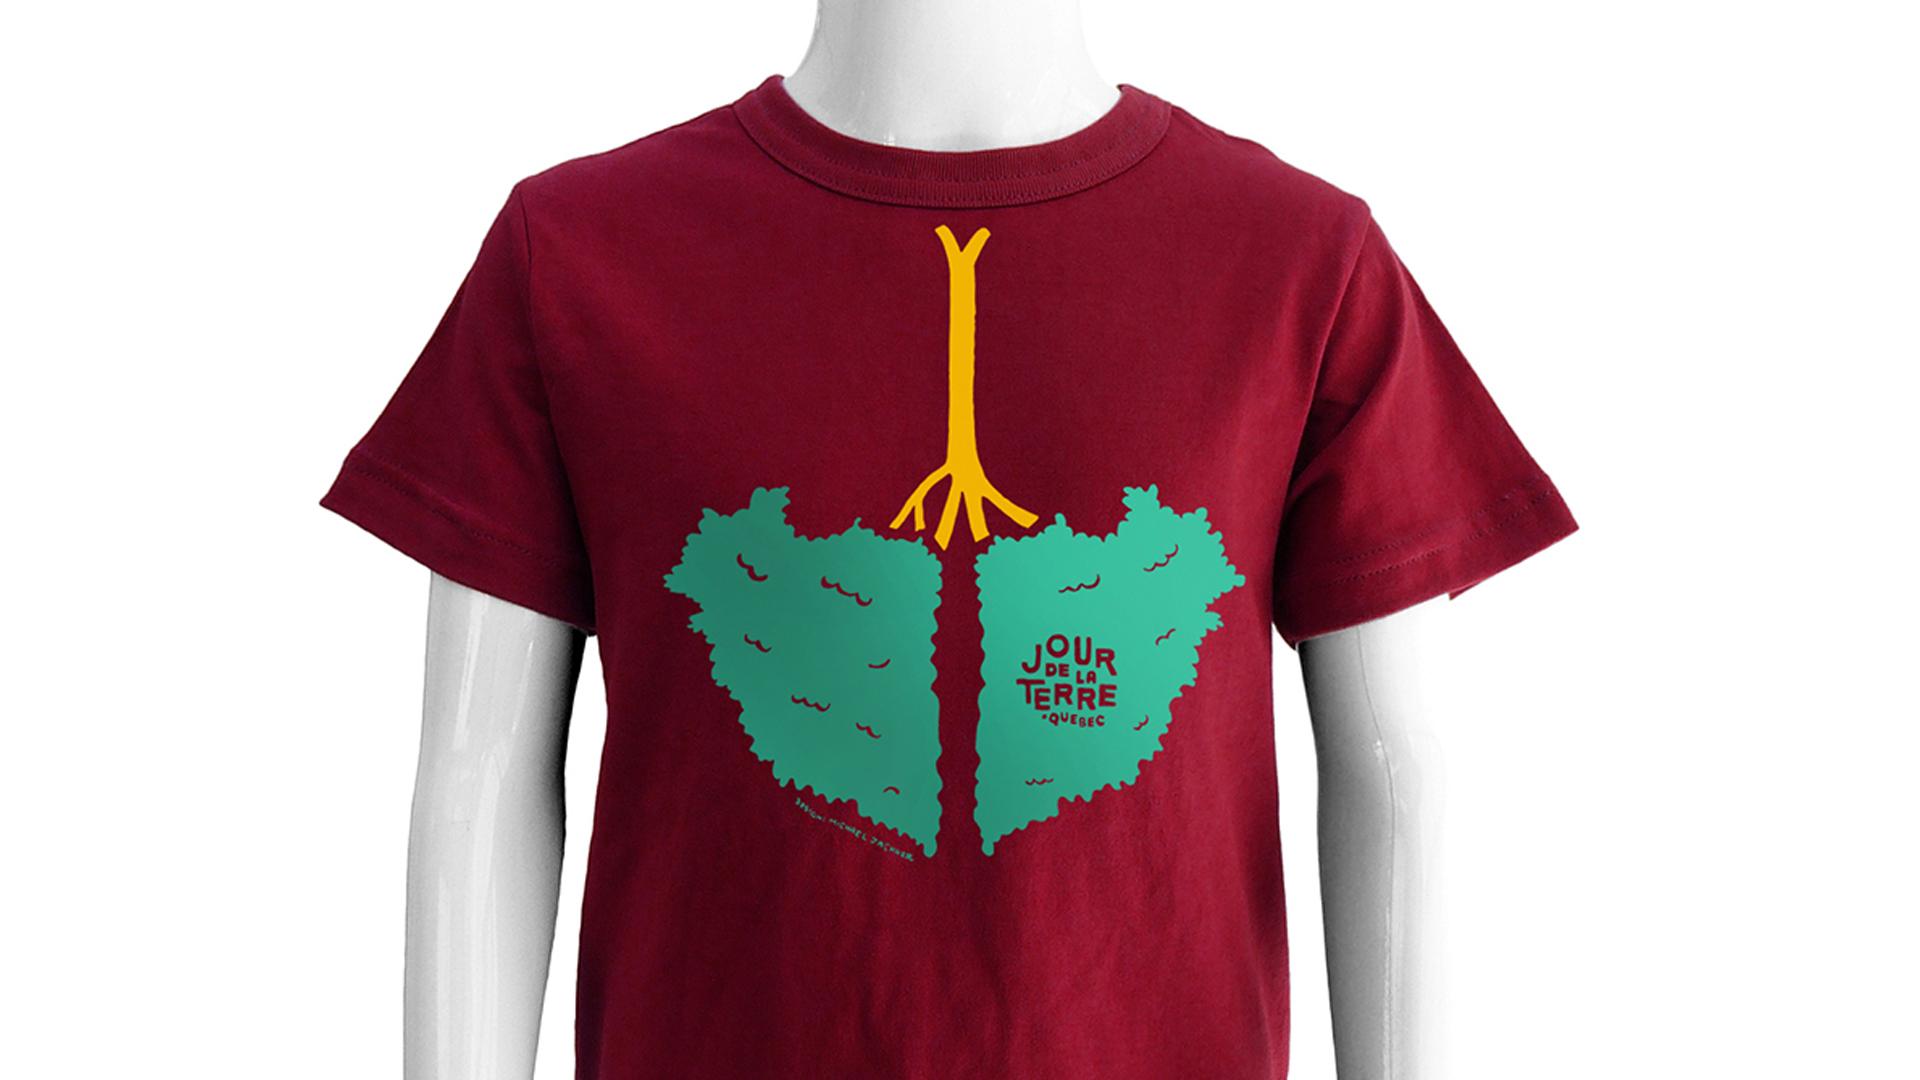 jour_de_la_terre_quebec_qc_t_shirt_du_jour_de_la_terre